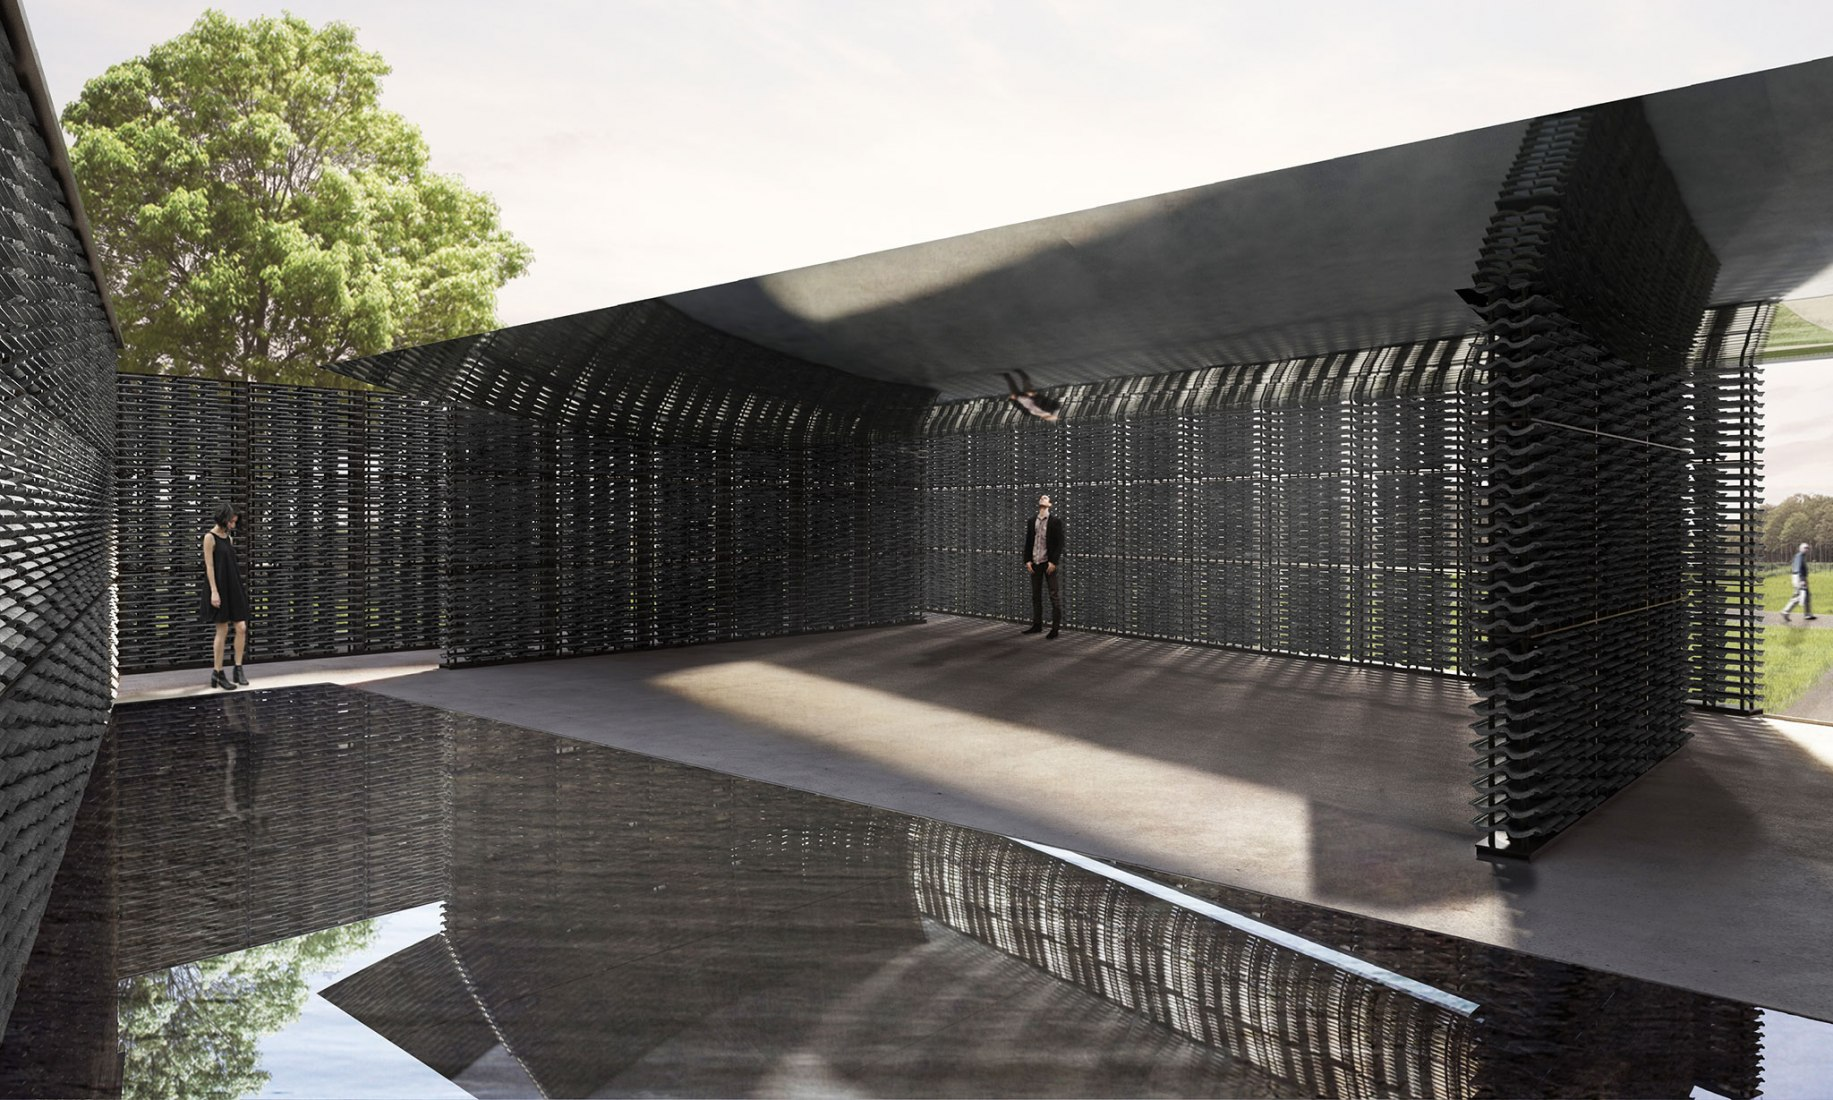 Serpentine Pavilion 2018 diseñado por Frida Escobedo, Taller de Arquitectura, diseño de Render, vista interior © Frida Escobedo, Taller de Arquitectura, Visualizaciones por Atmósfera. Imagen cortesía de Serpentine Galleries